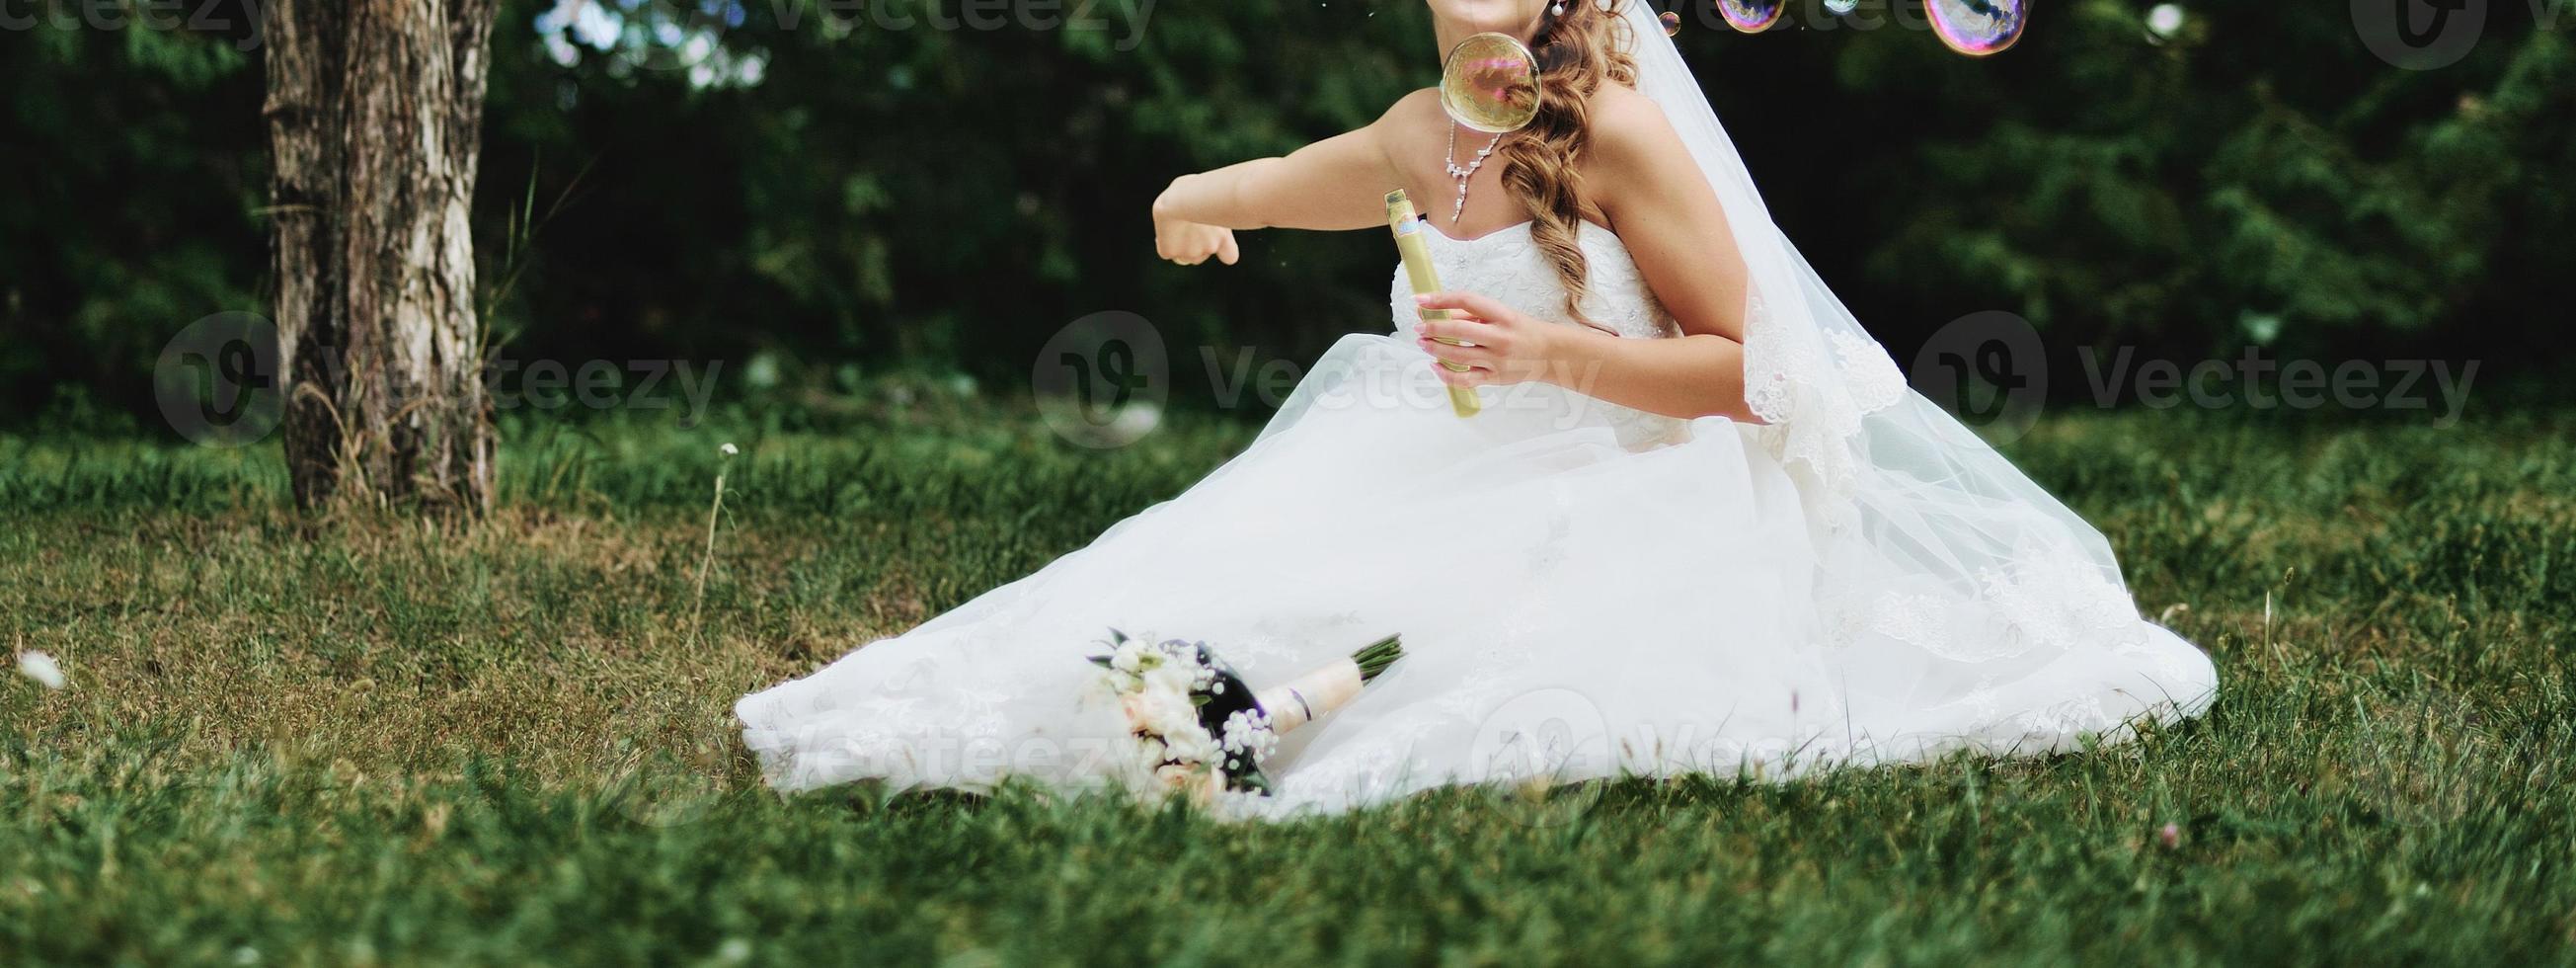 Caucásica hermosa novia el día de la boda. foto